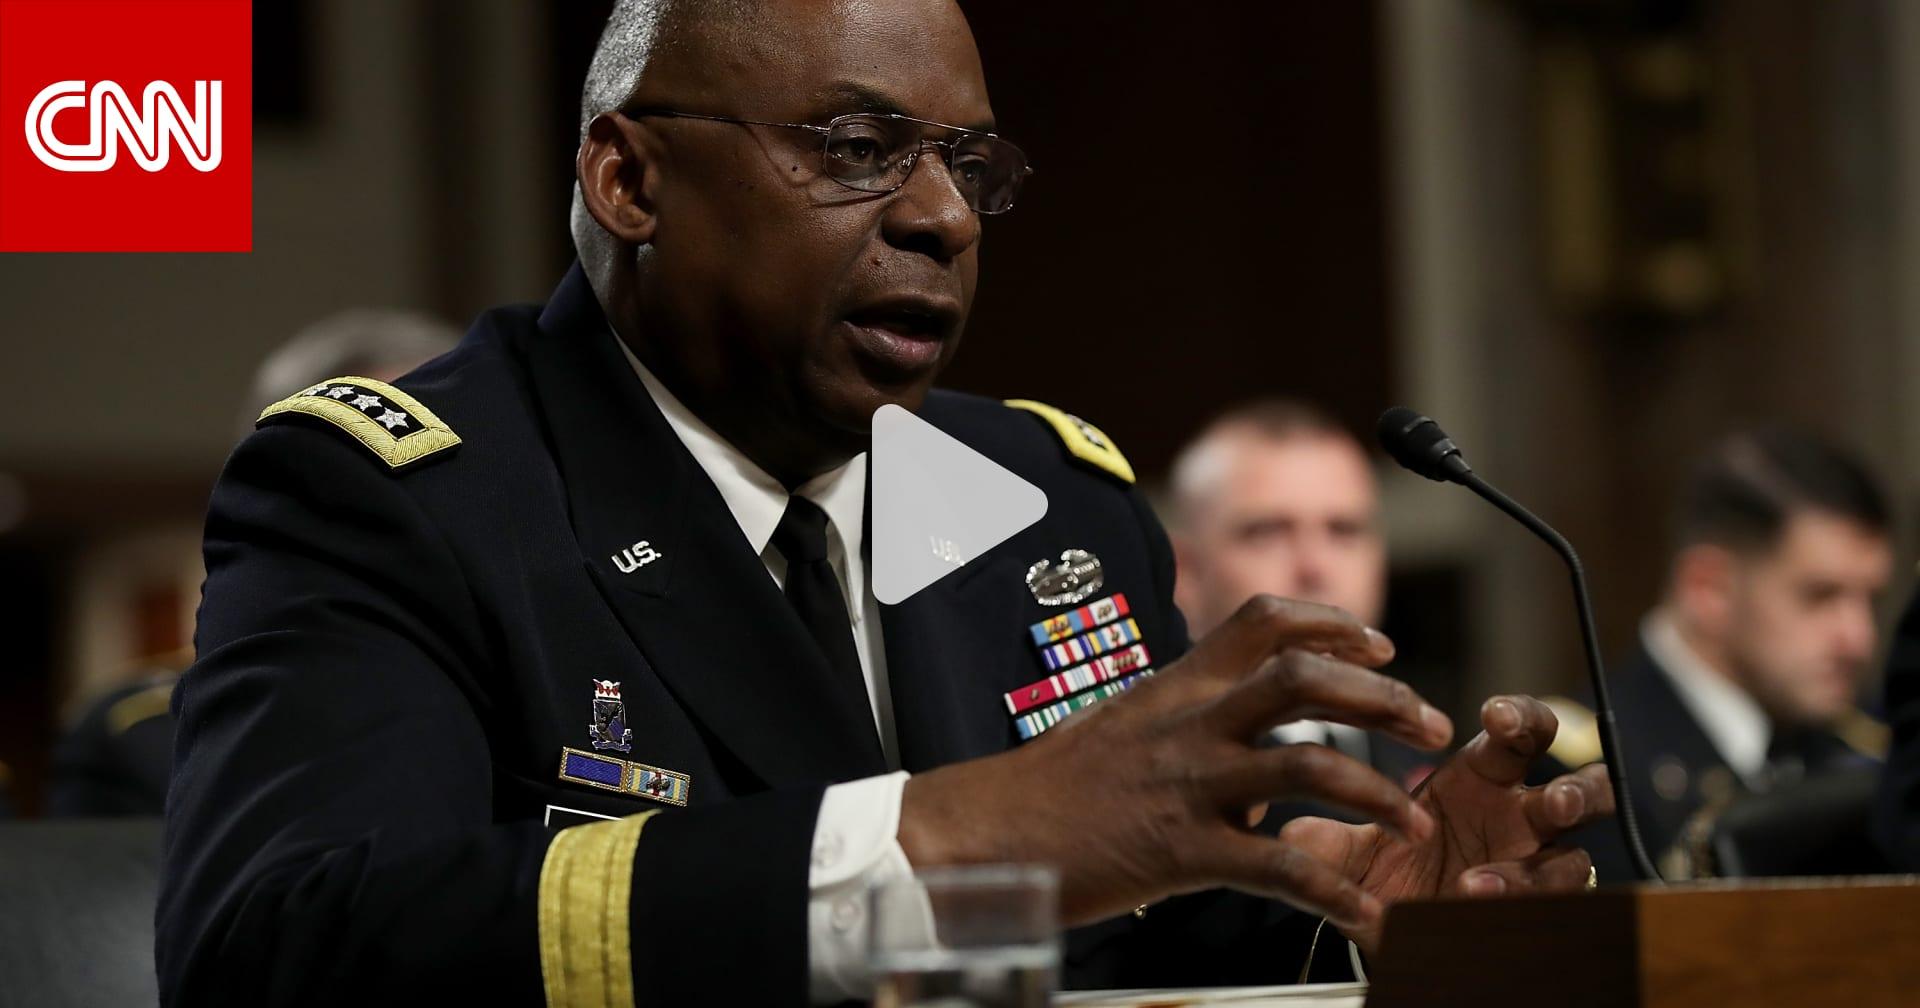 وزير الدفاع الأمريكي يعلق على احتمالات إسقاط بلاده الصاروخ الصيني التائه